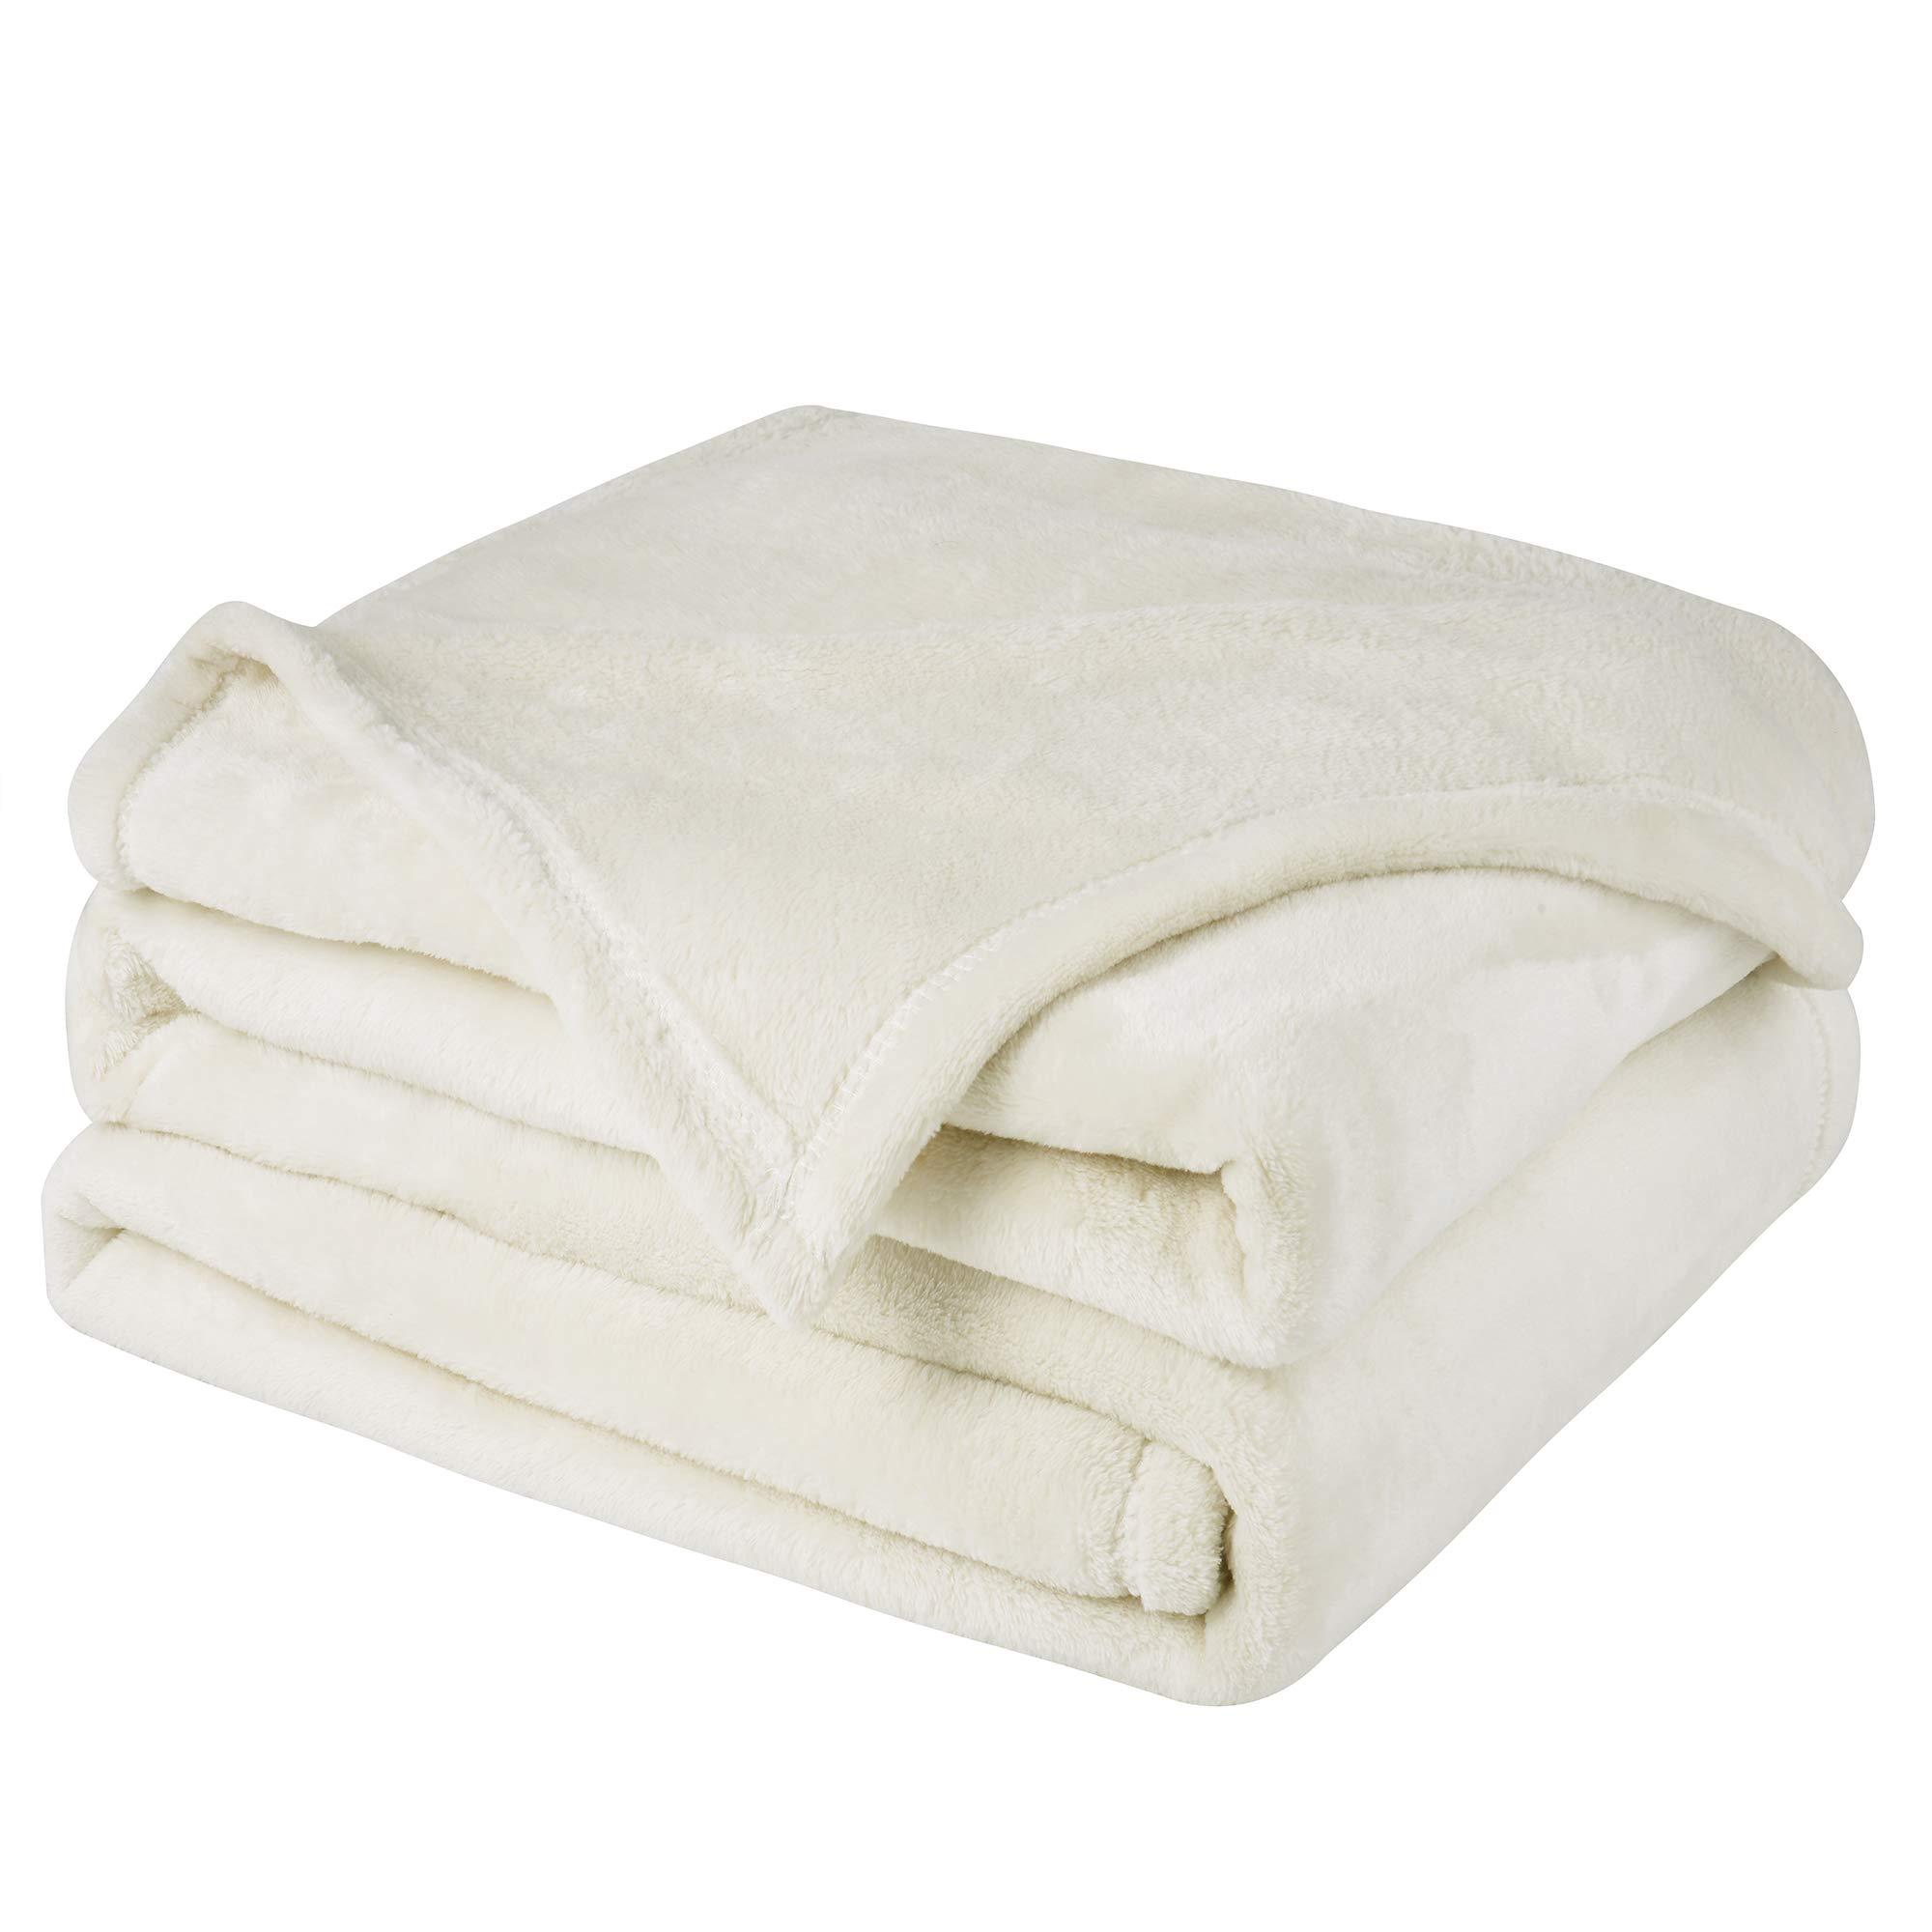 WONTEX Flannel Fleece Blanket Super SoftLightweightMicrofiberBlanketfor Twin Bed, Wood Beige, 60 x 80 inch